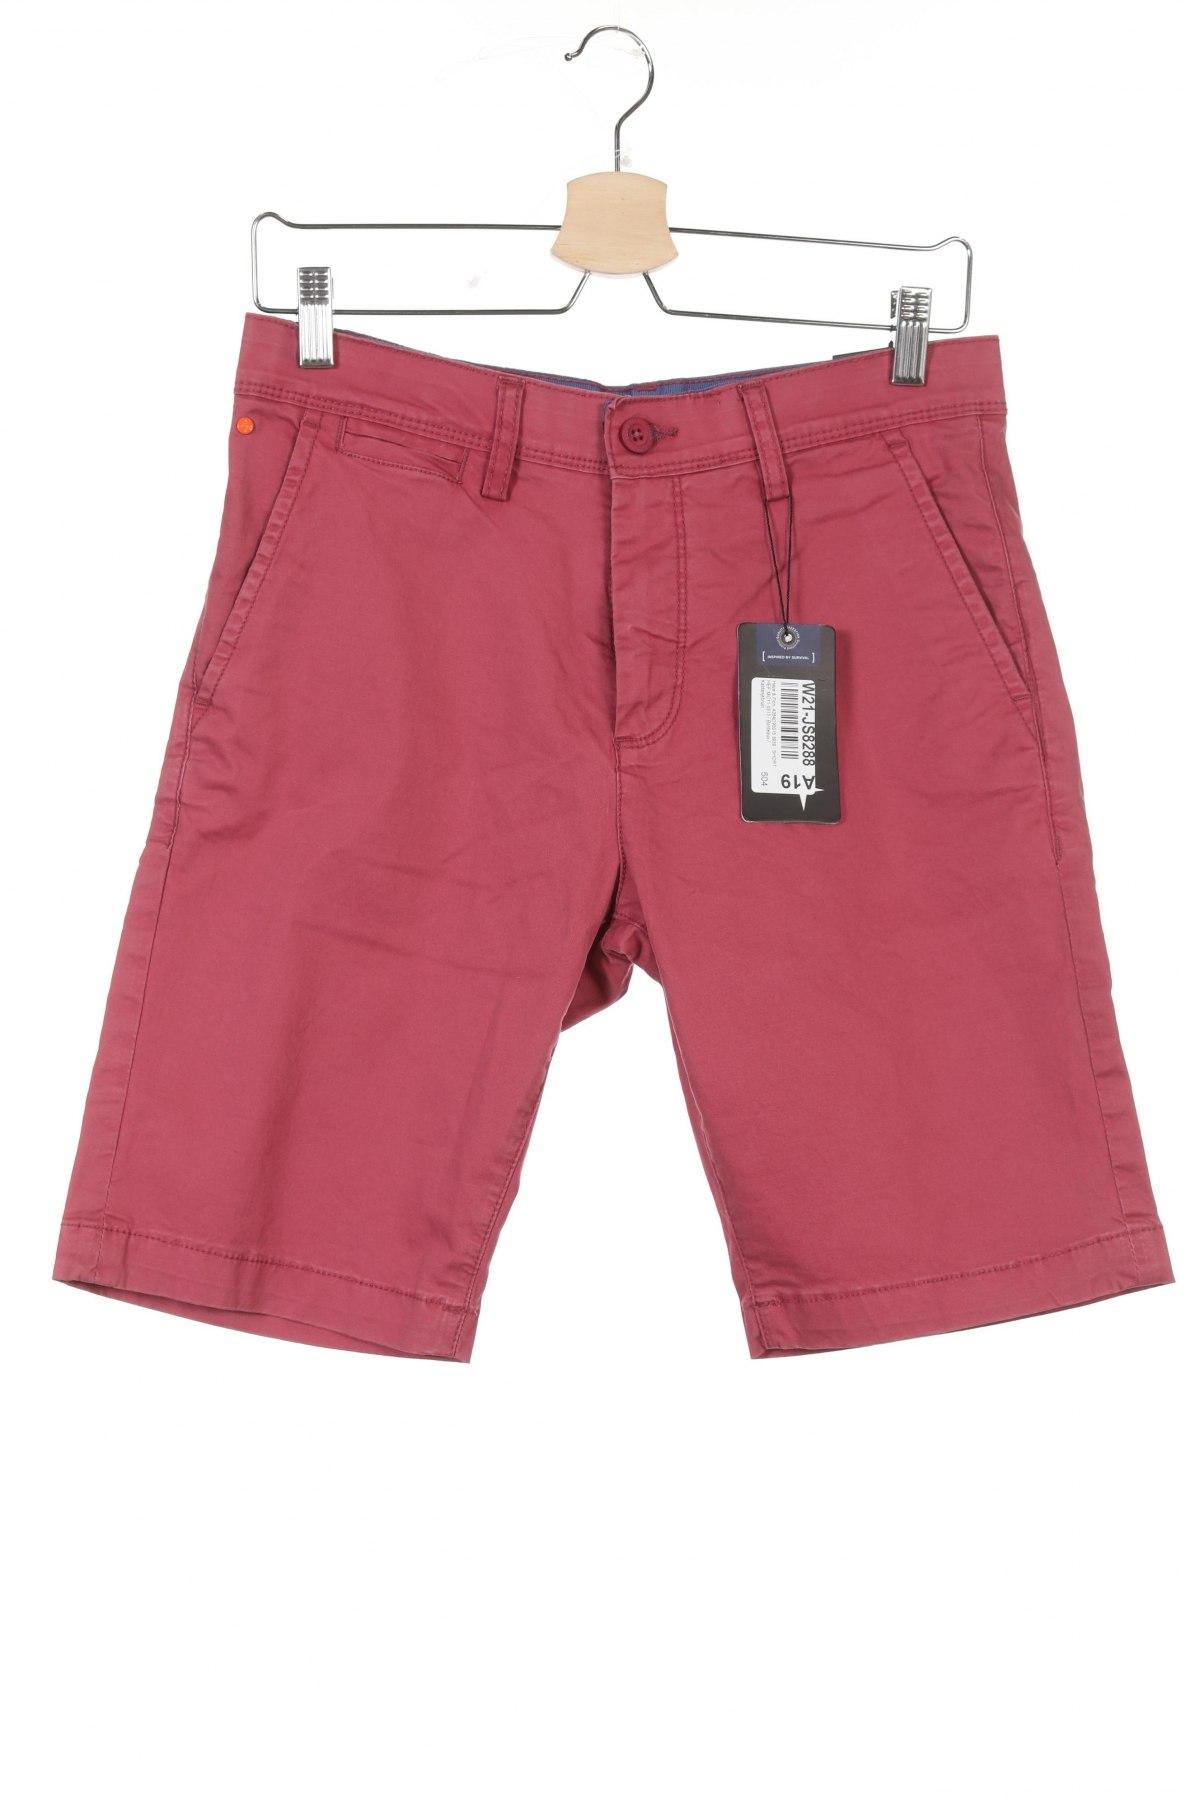 Мъжки къс панталон Haze&Finn, Размер S, Цвят Розов, 98% памук, 2% еластан, Цена 16,18лв.